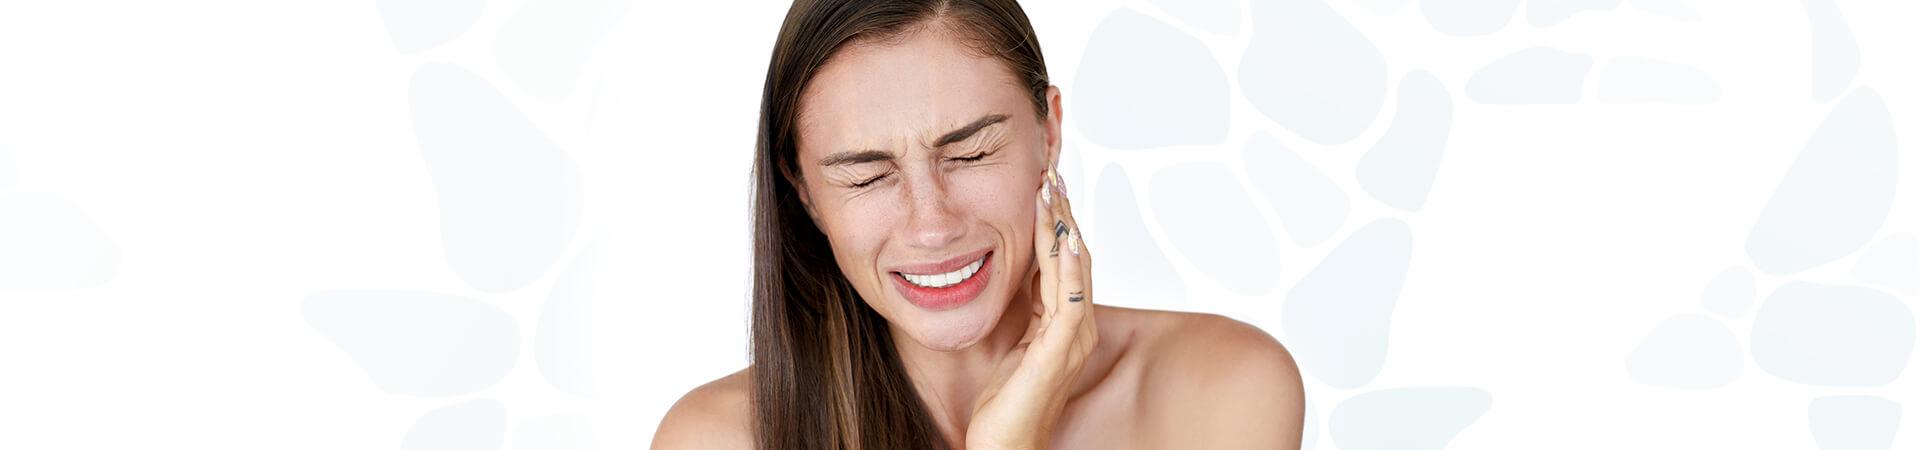 Qual profissional devo procurar para extrair meu dente siso, um buco maxilo ou um clínico?